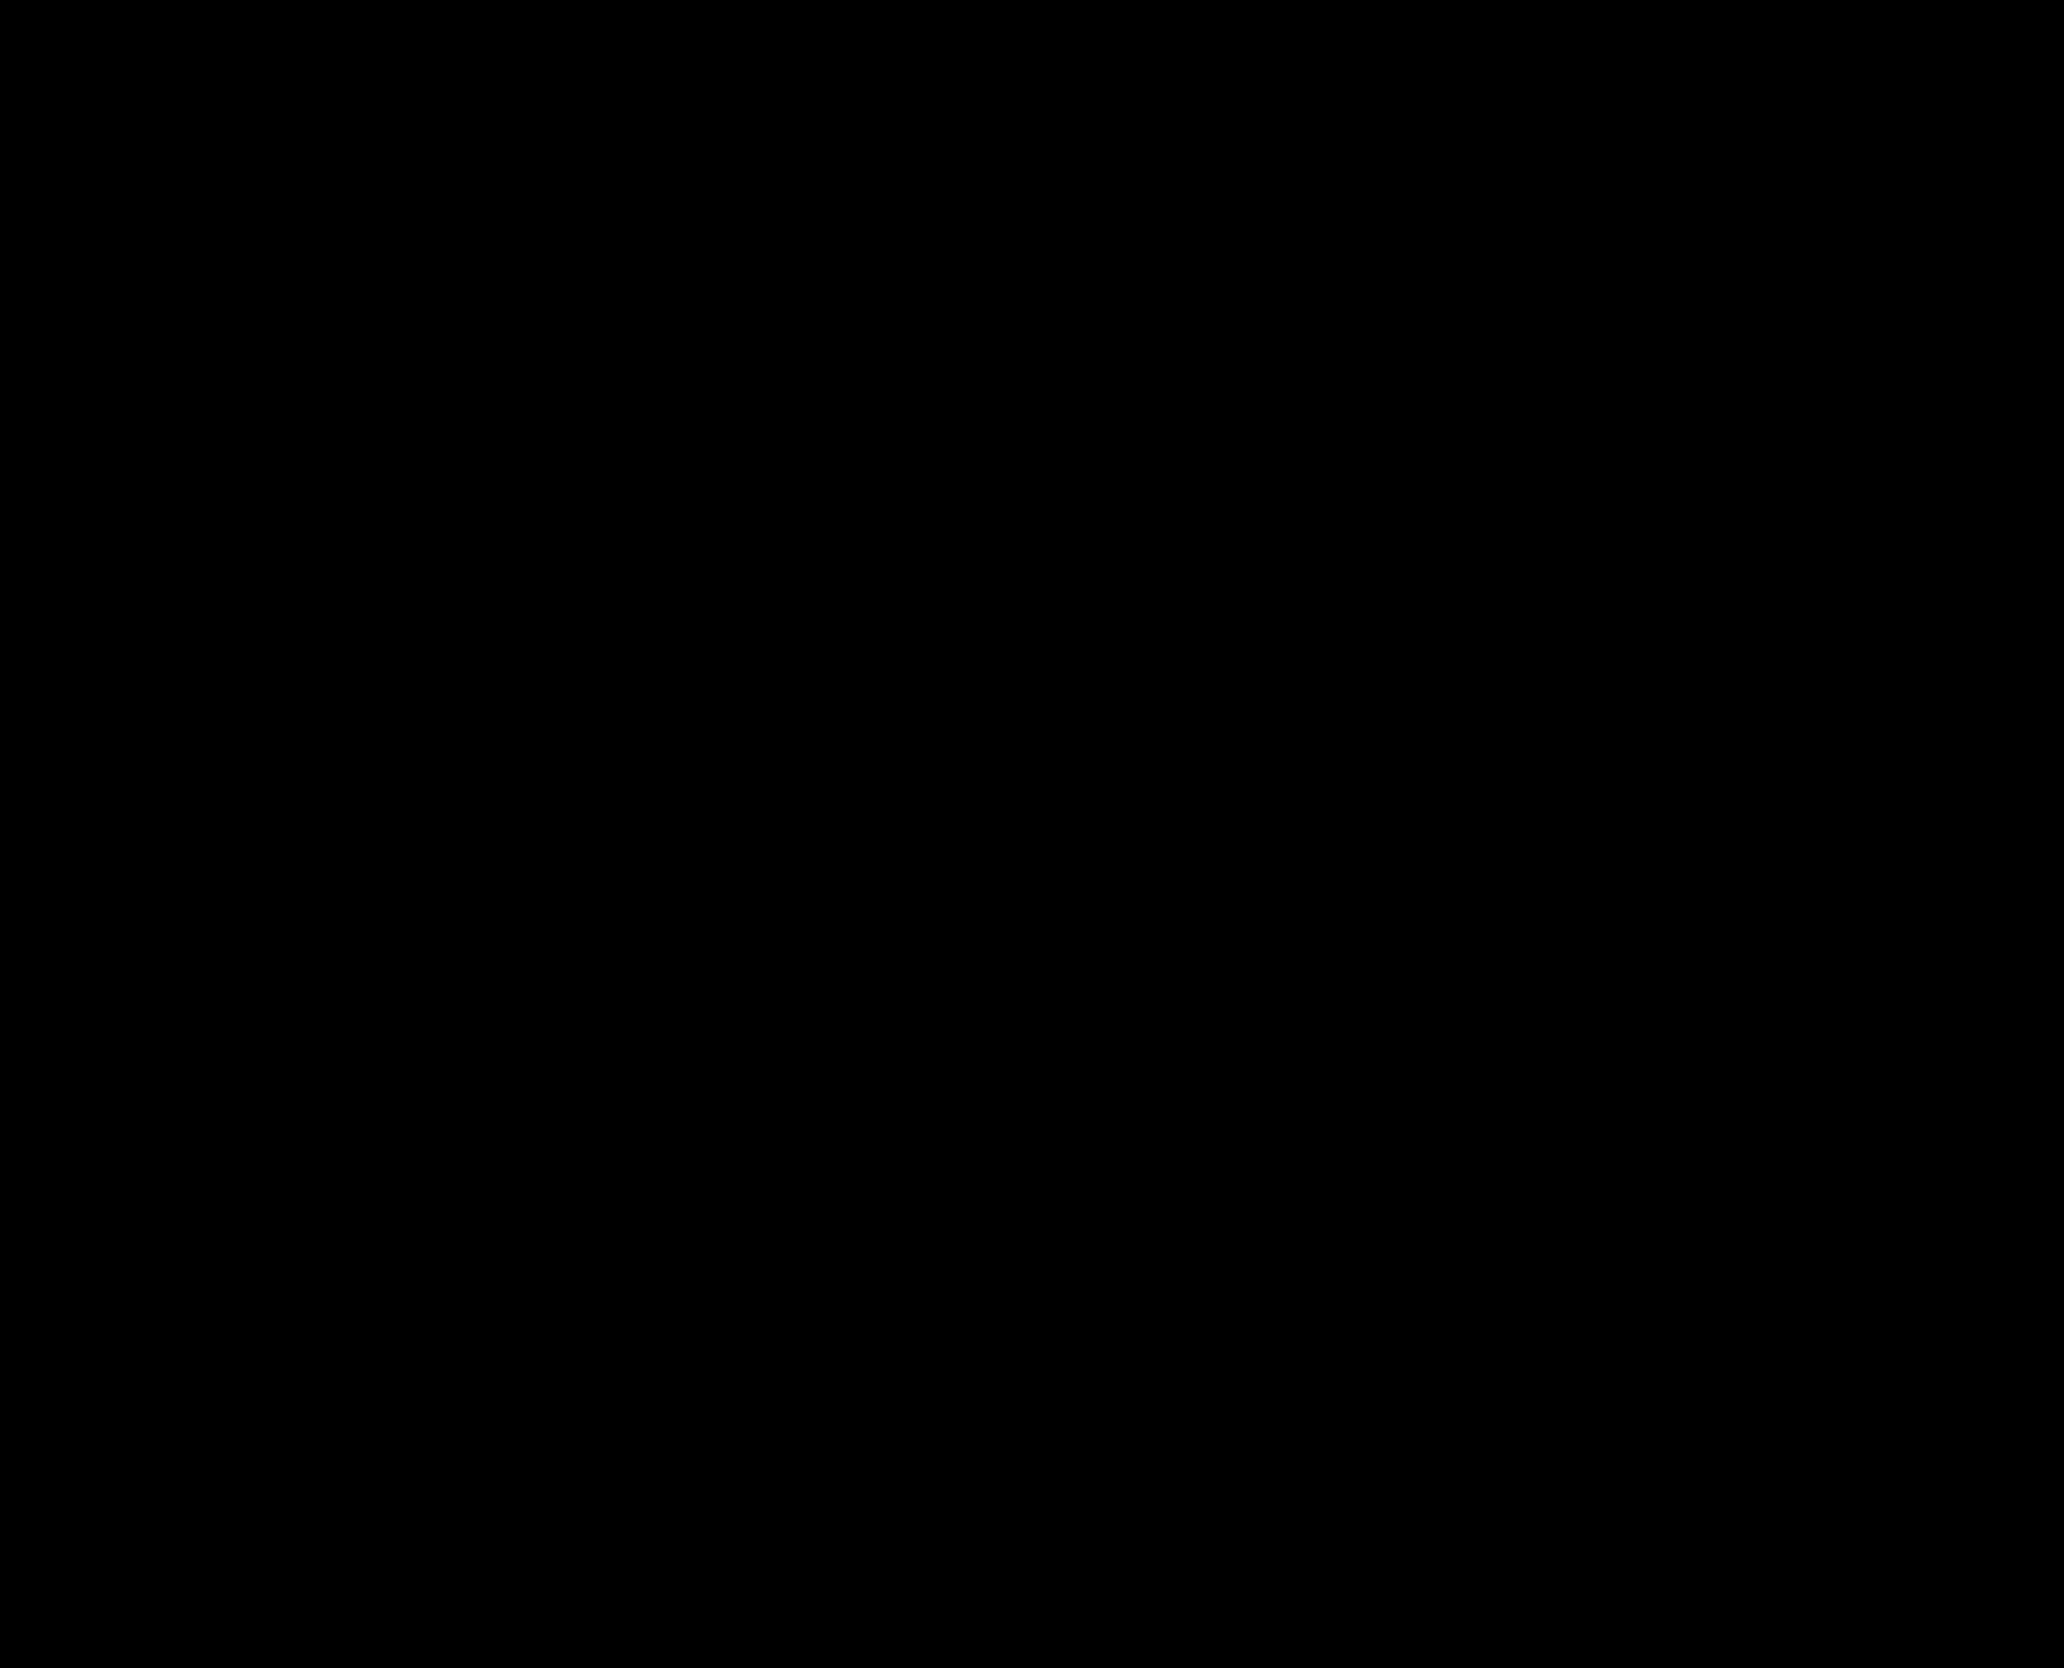 Трилистник PNG